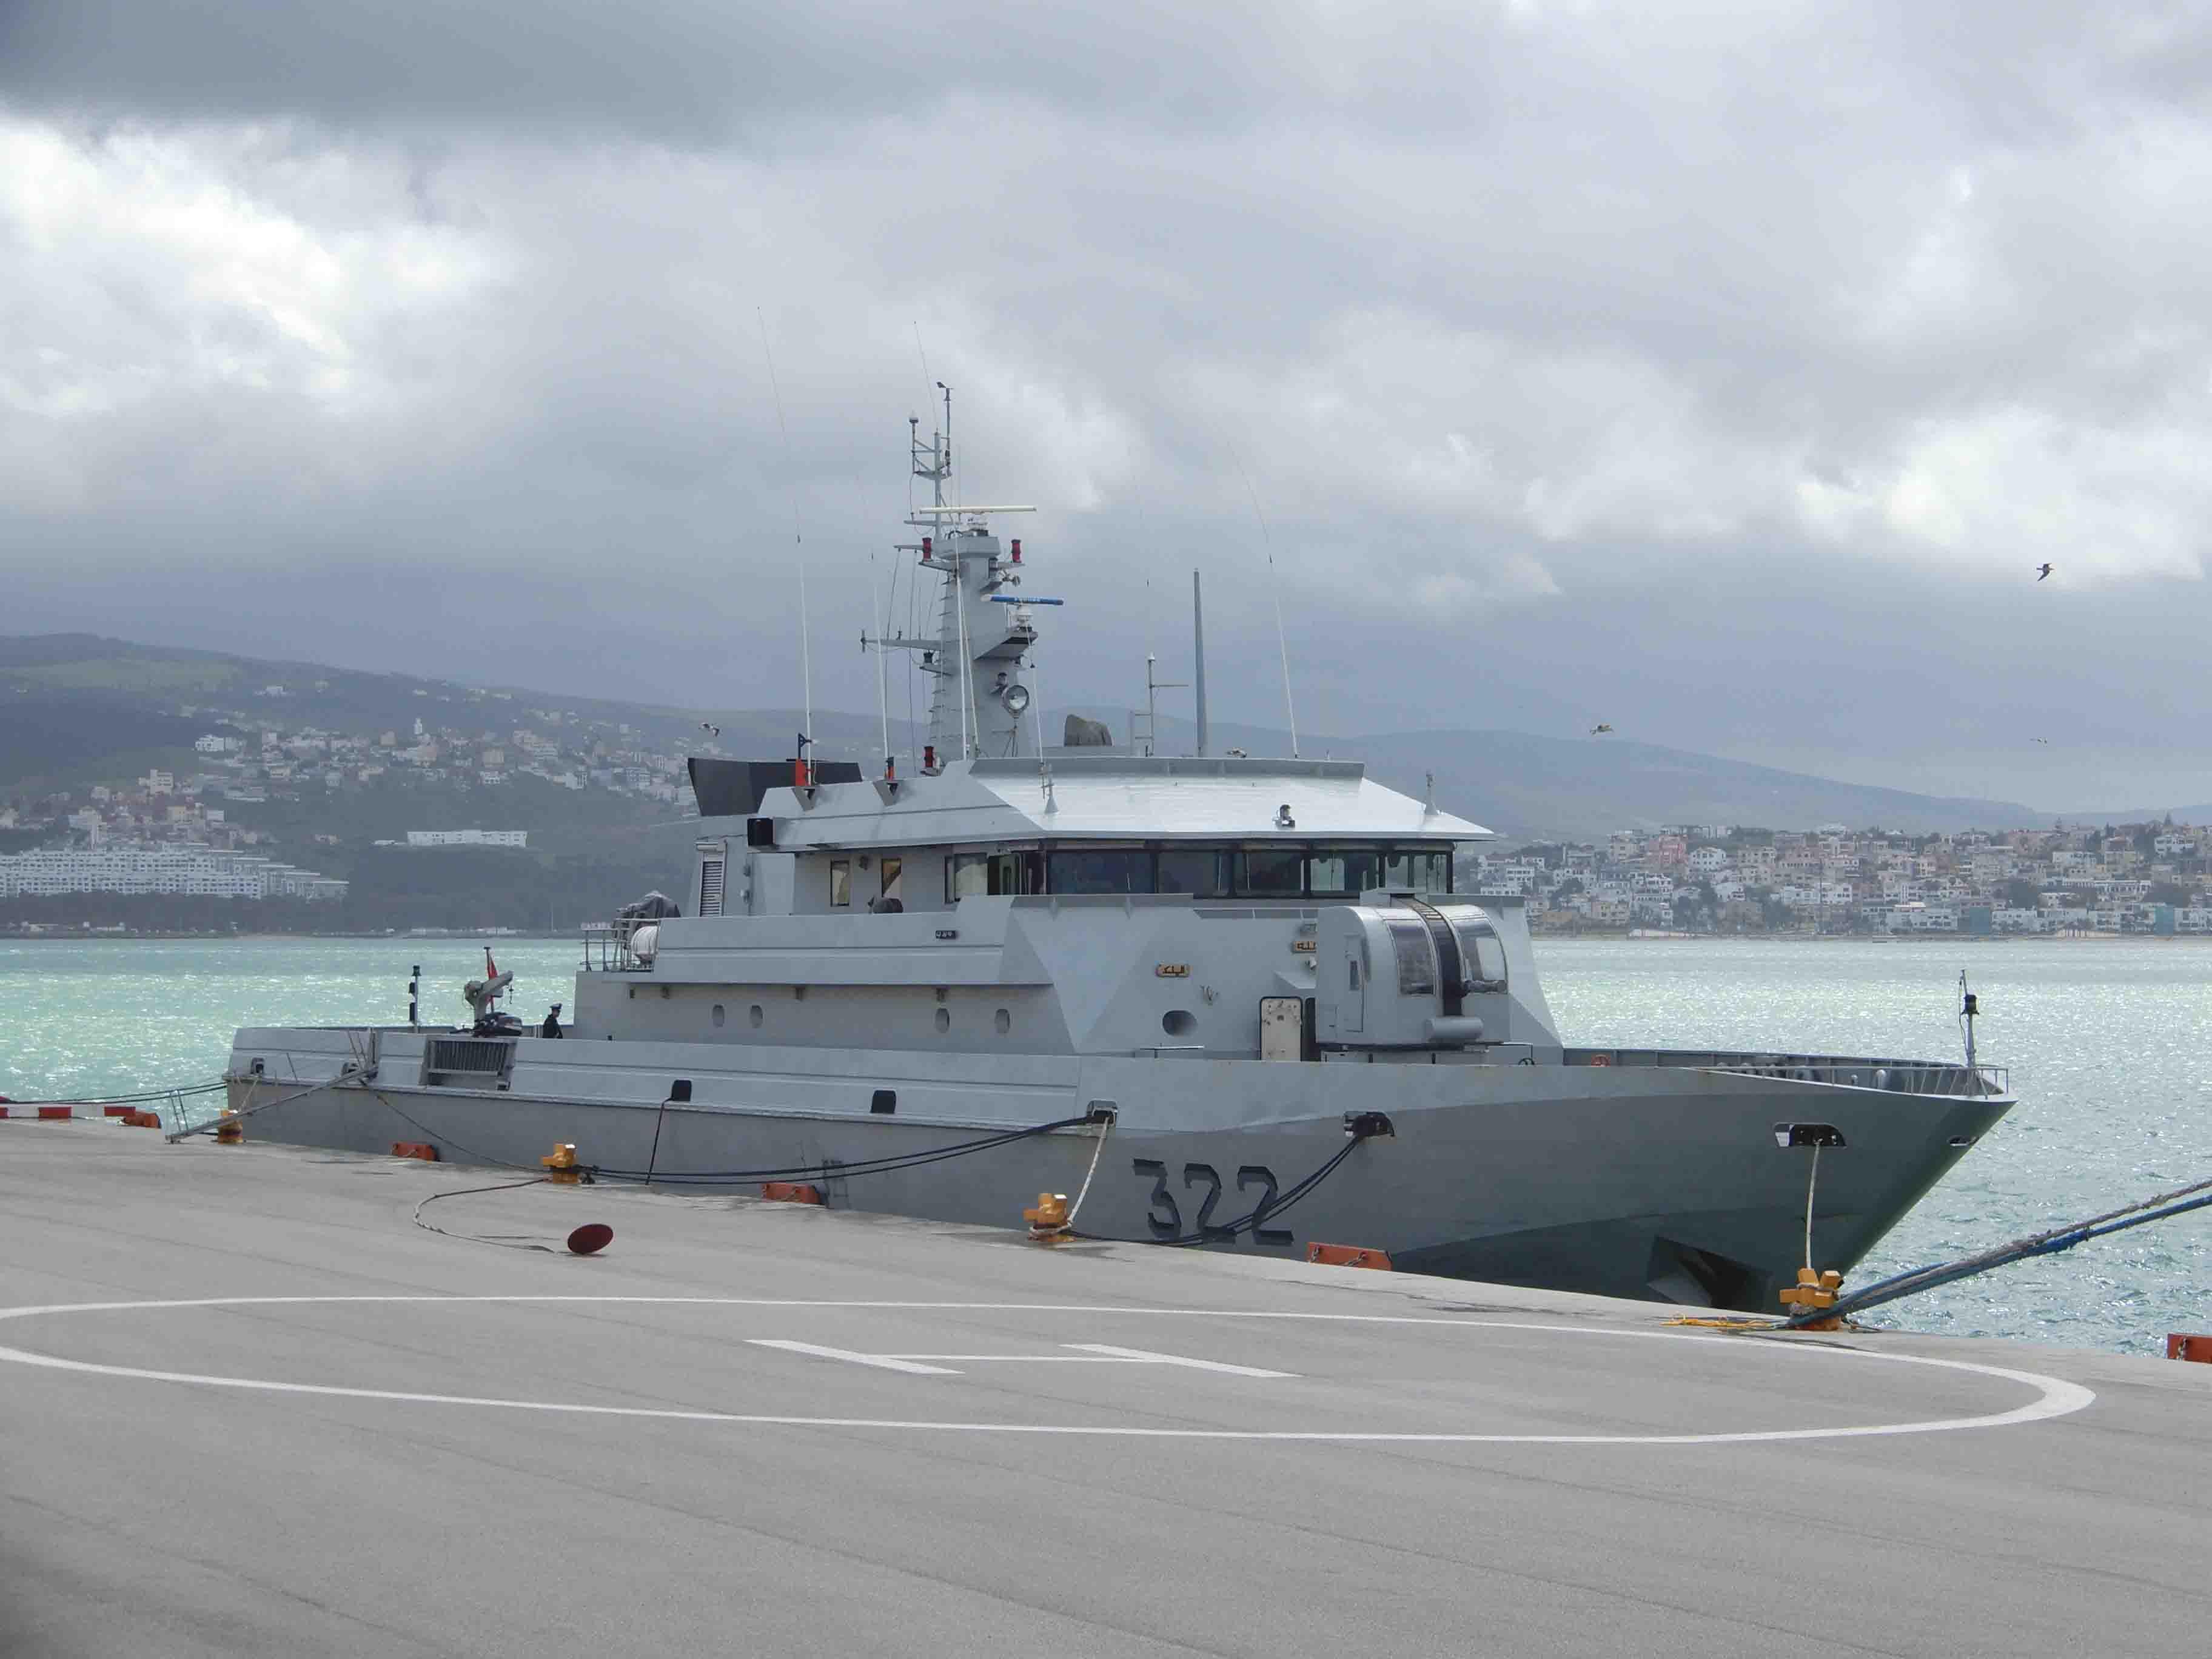 Royal Moroccan Navy Patrol Boats / Patrouilleurs de la Marine Marocaine - Page 13 2846976